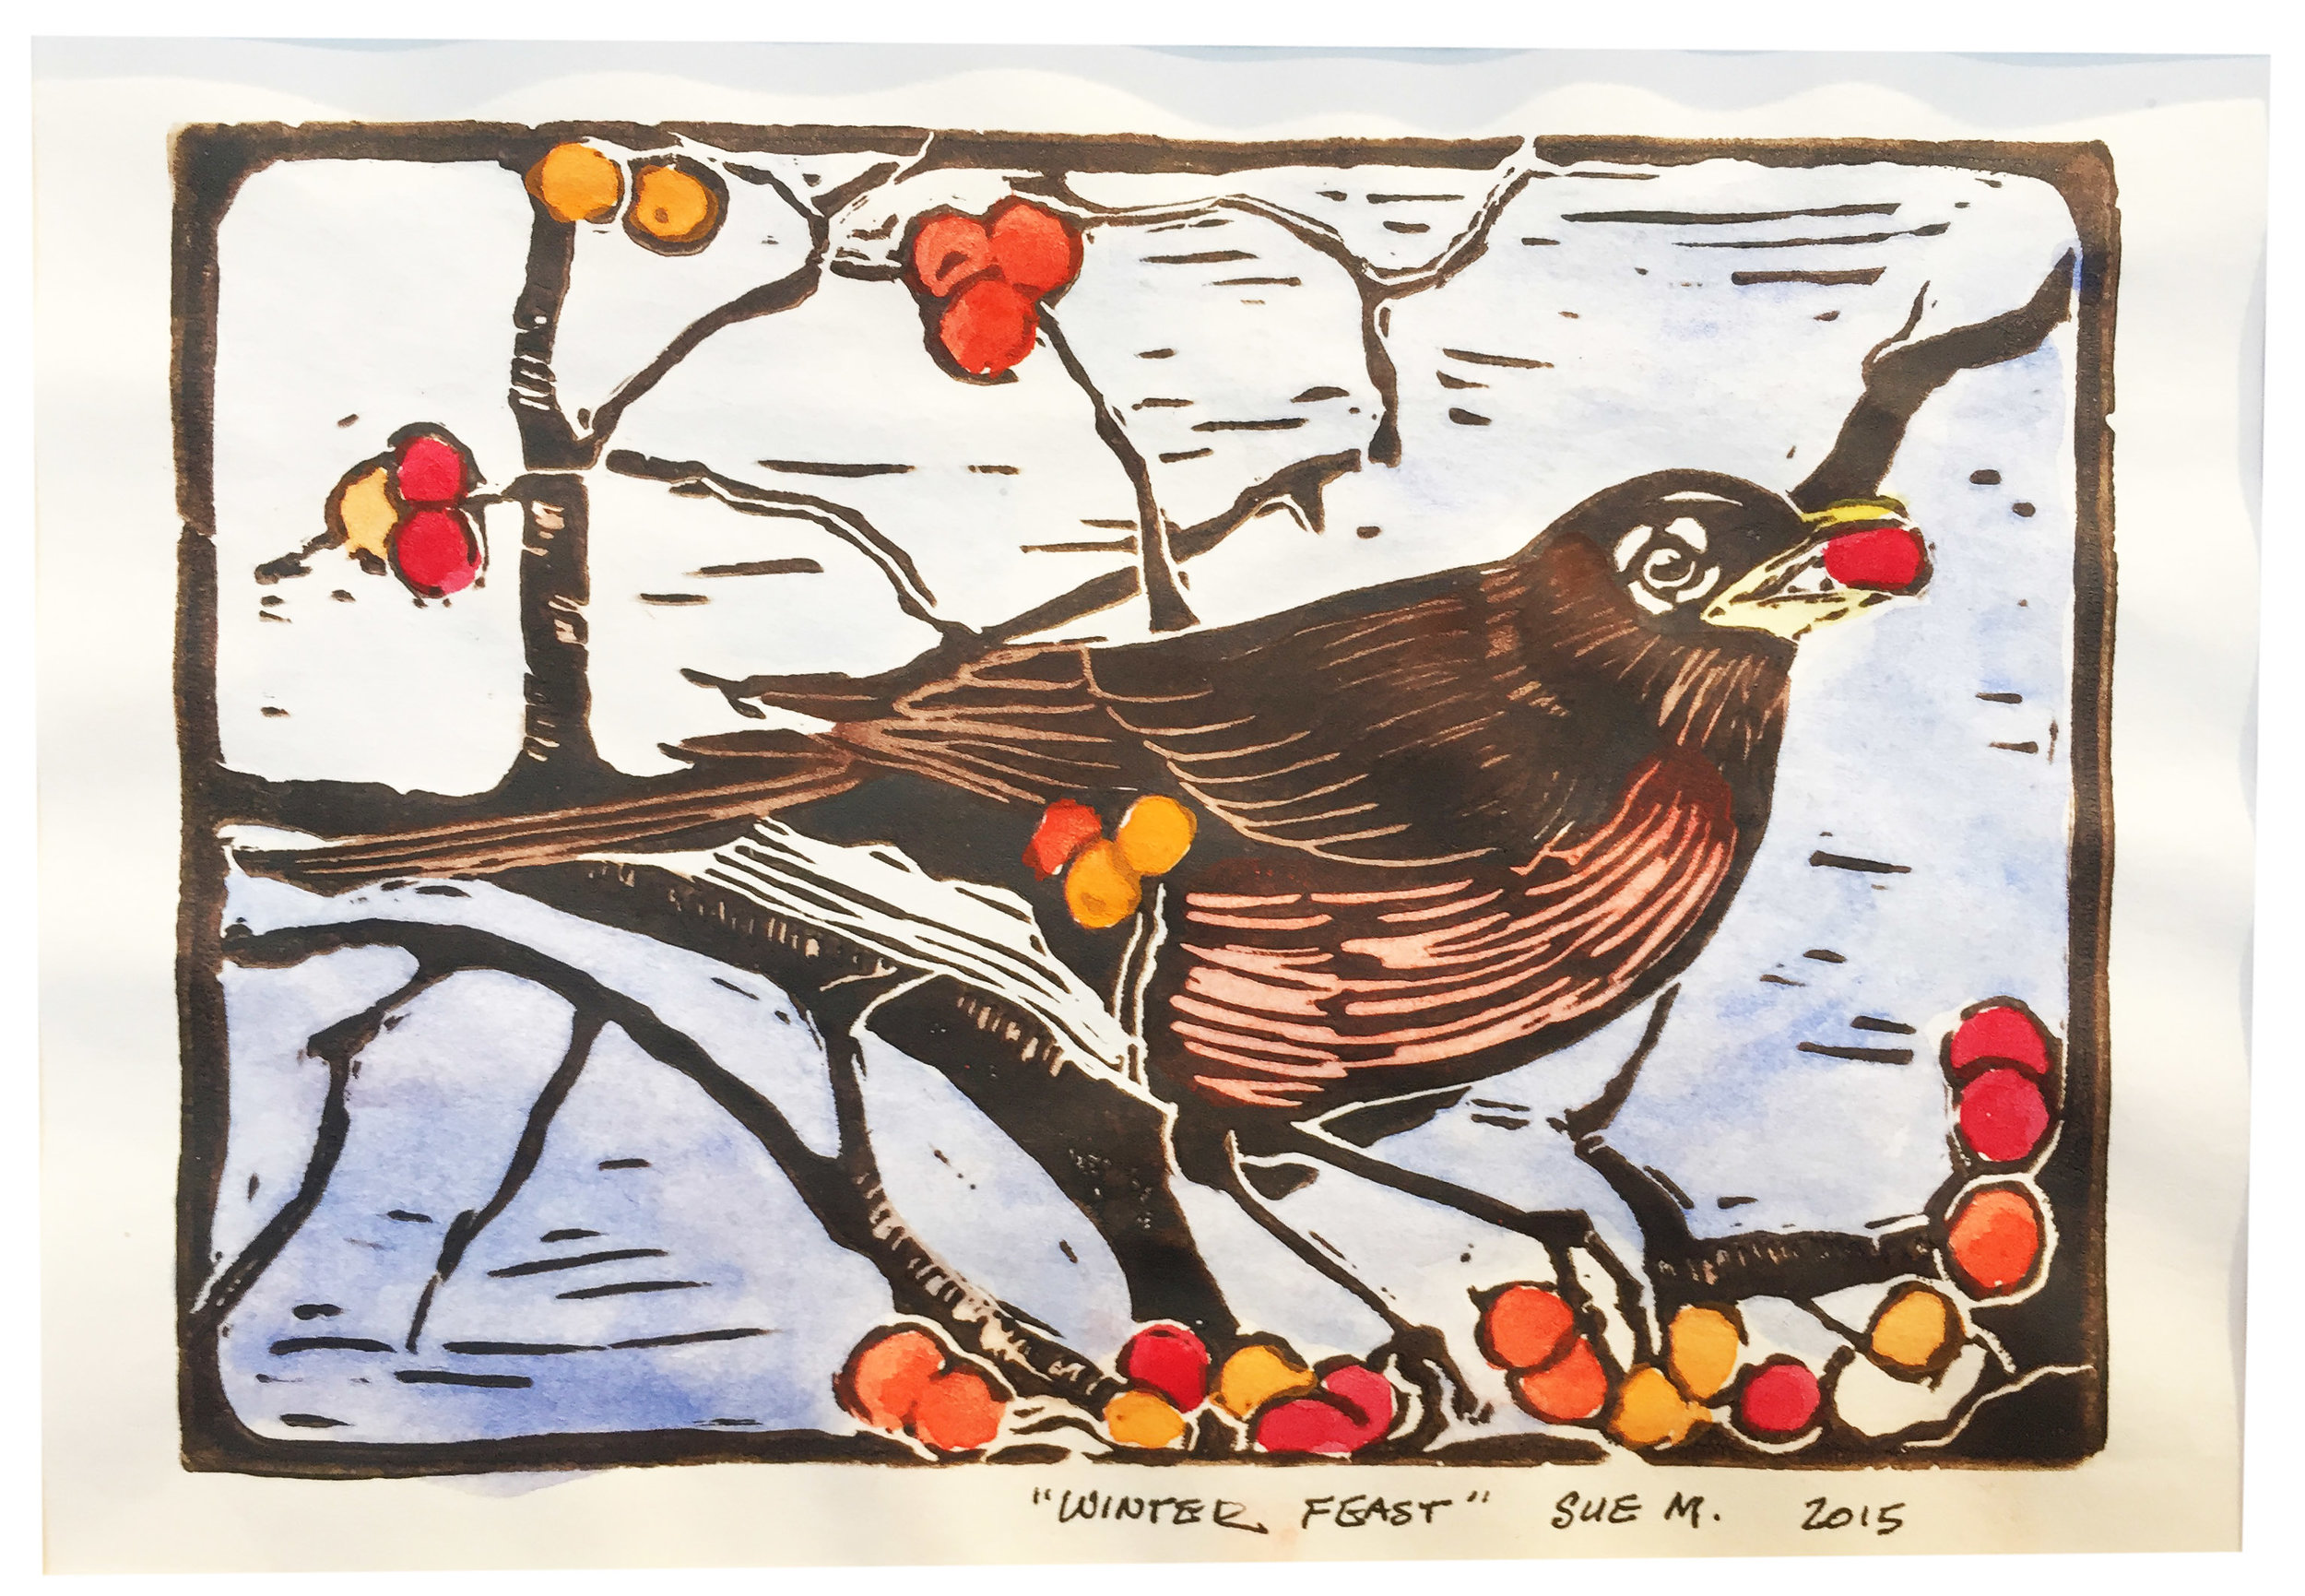 Winter Feast Sue Miller.jpg